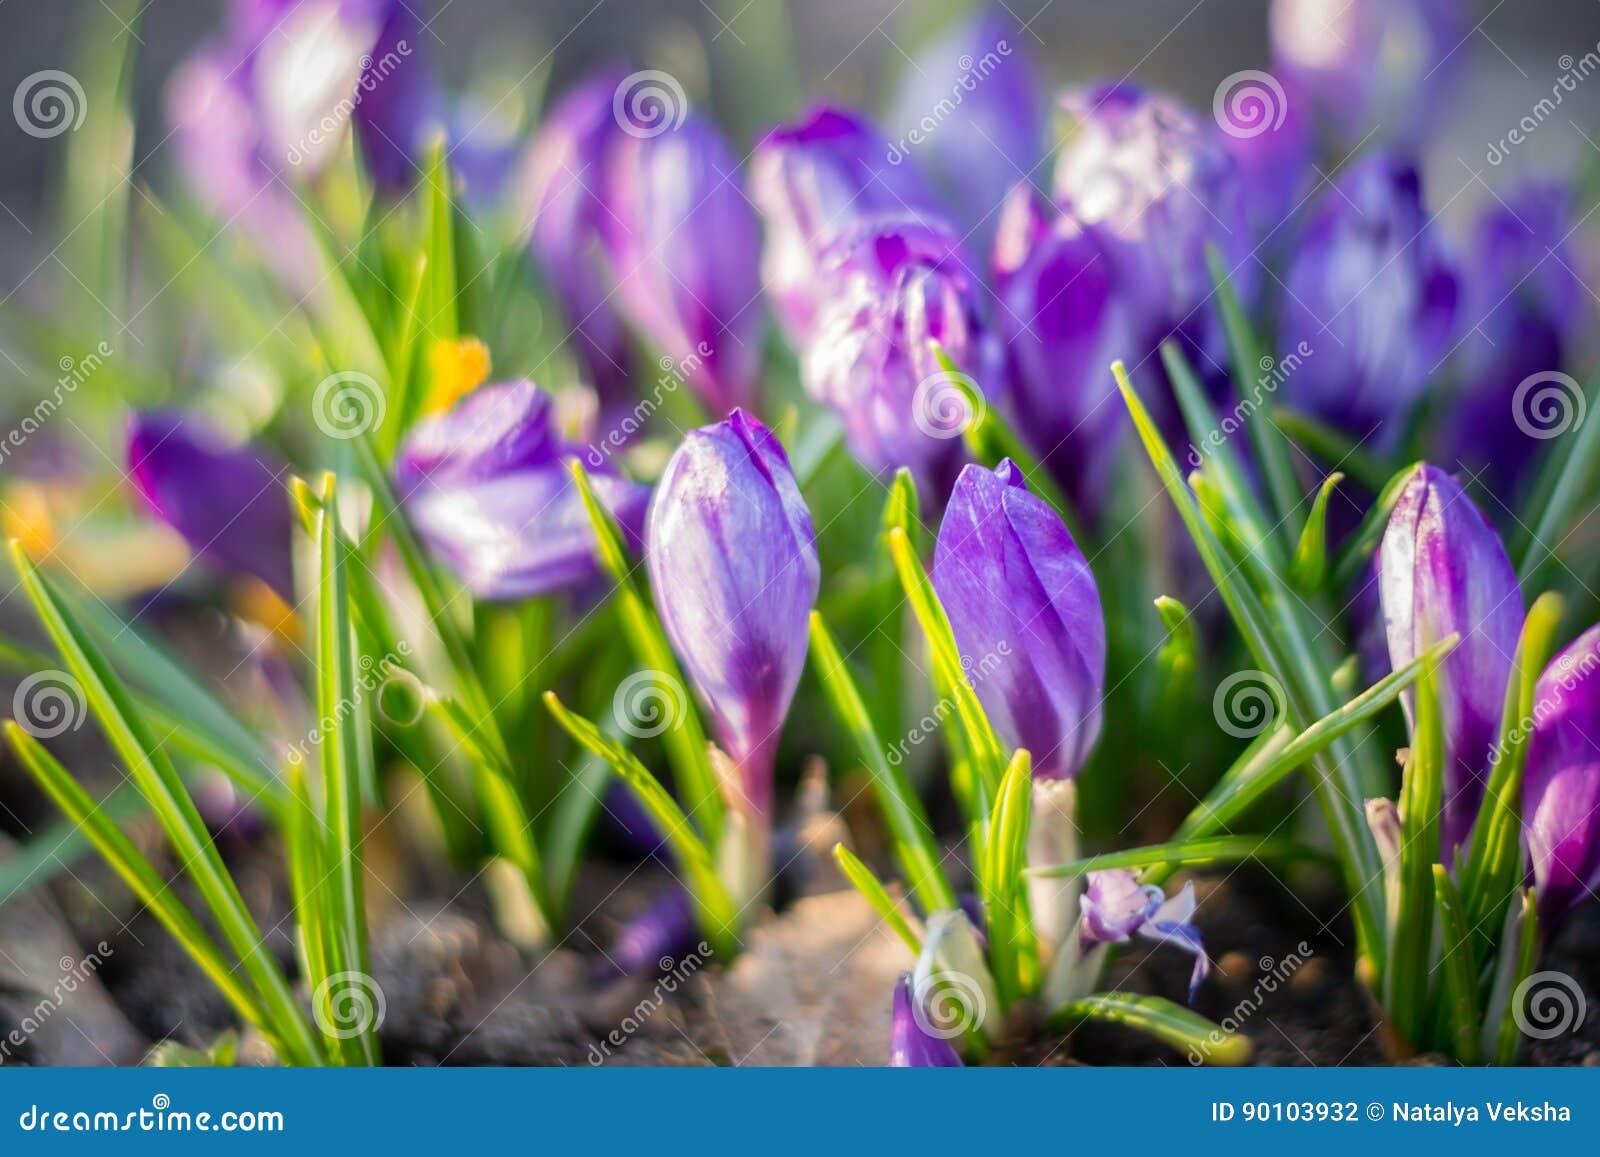 Группа в составе цвести фиолетового крокуса крокусов sativus